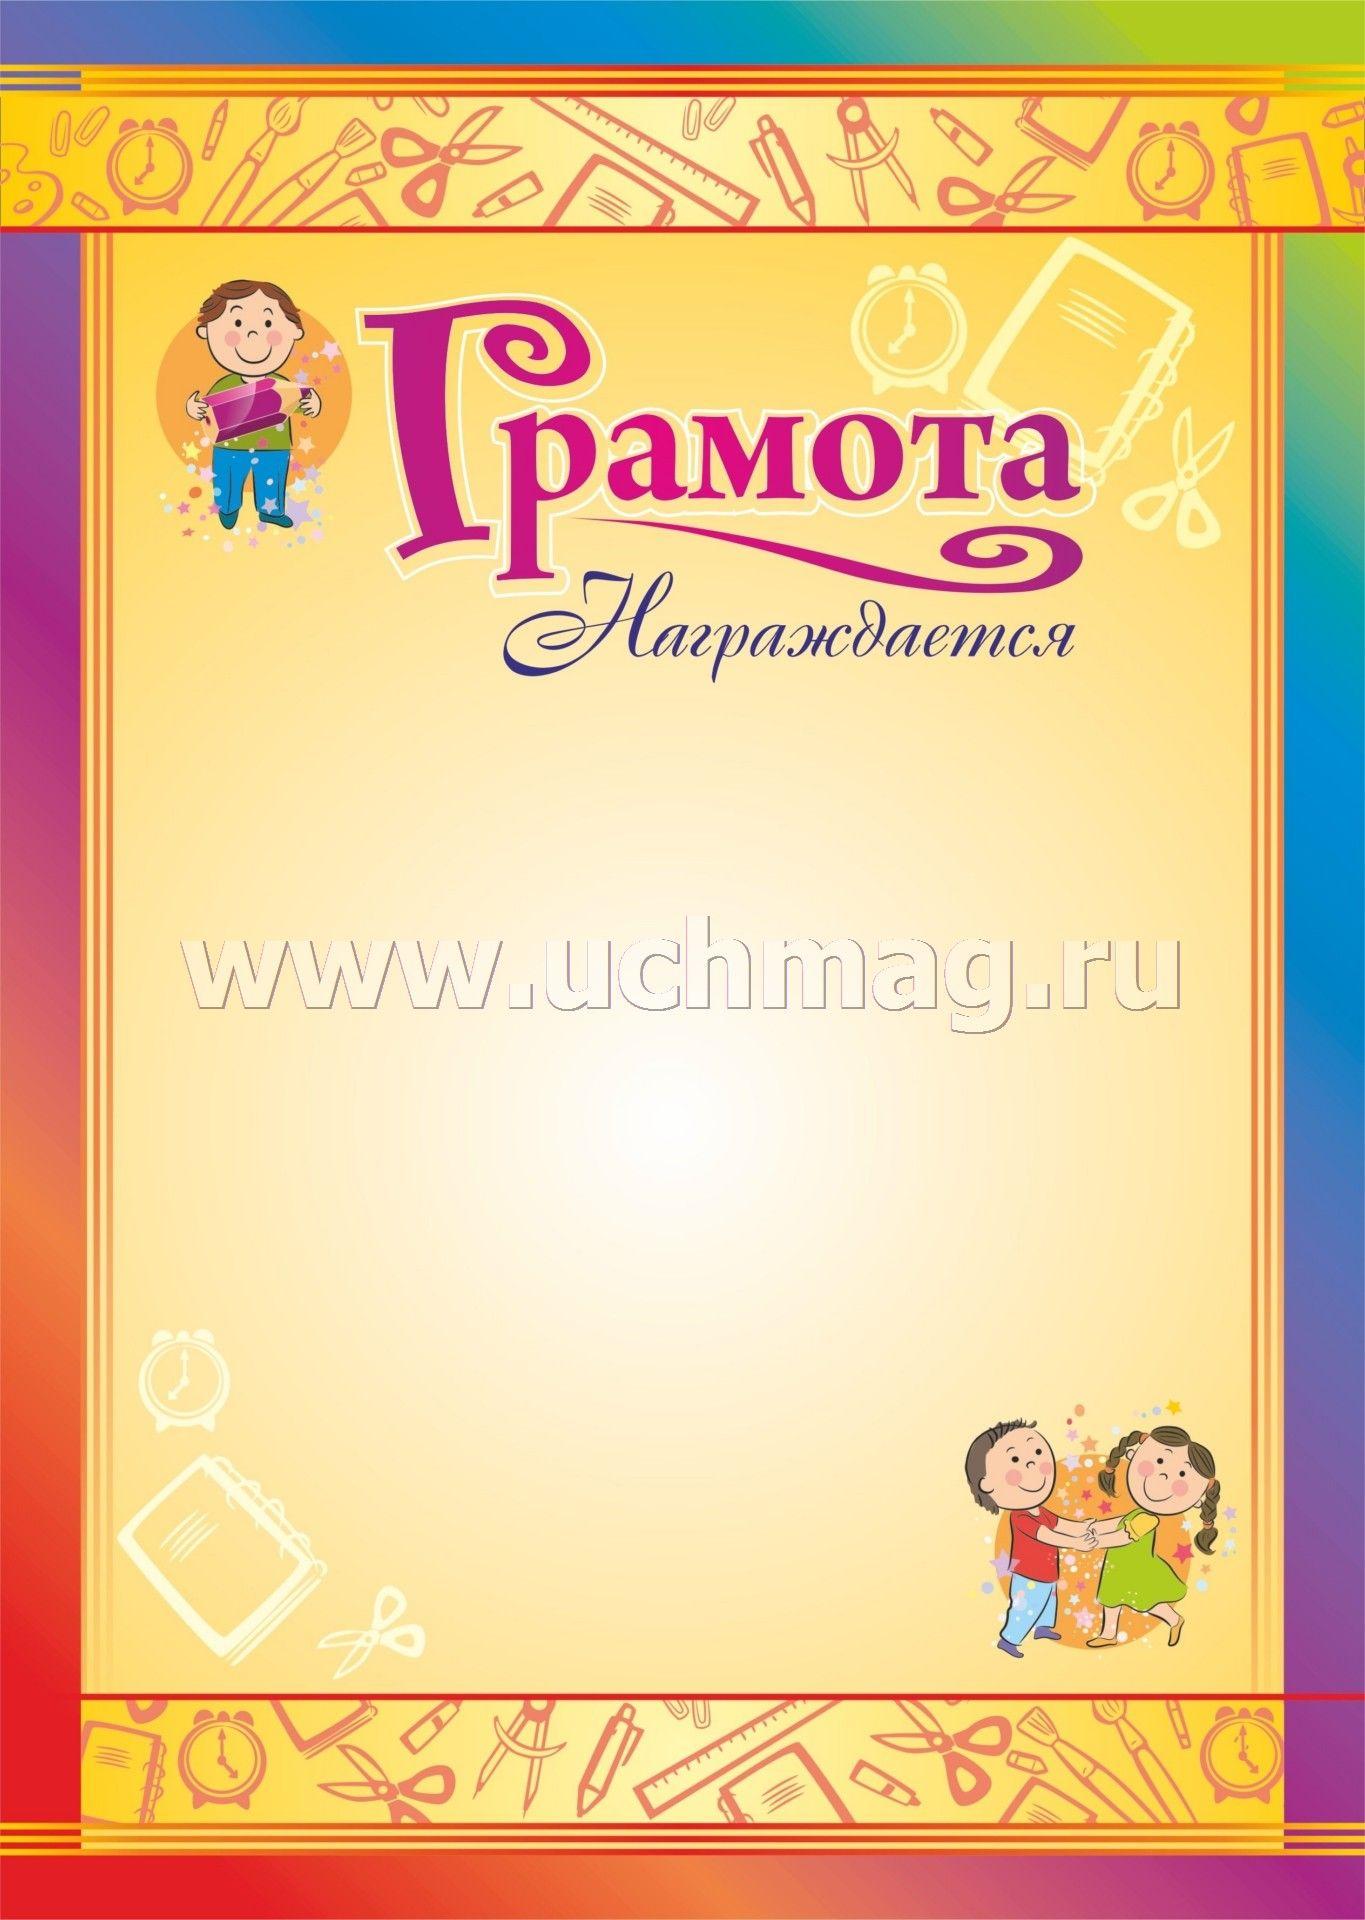 Благодарственные открытки родителям